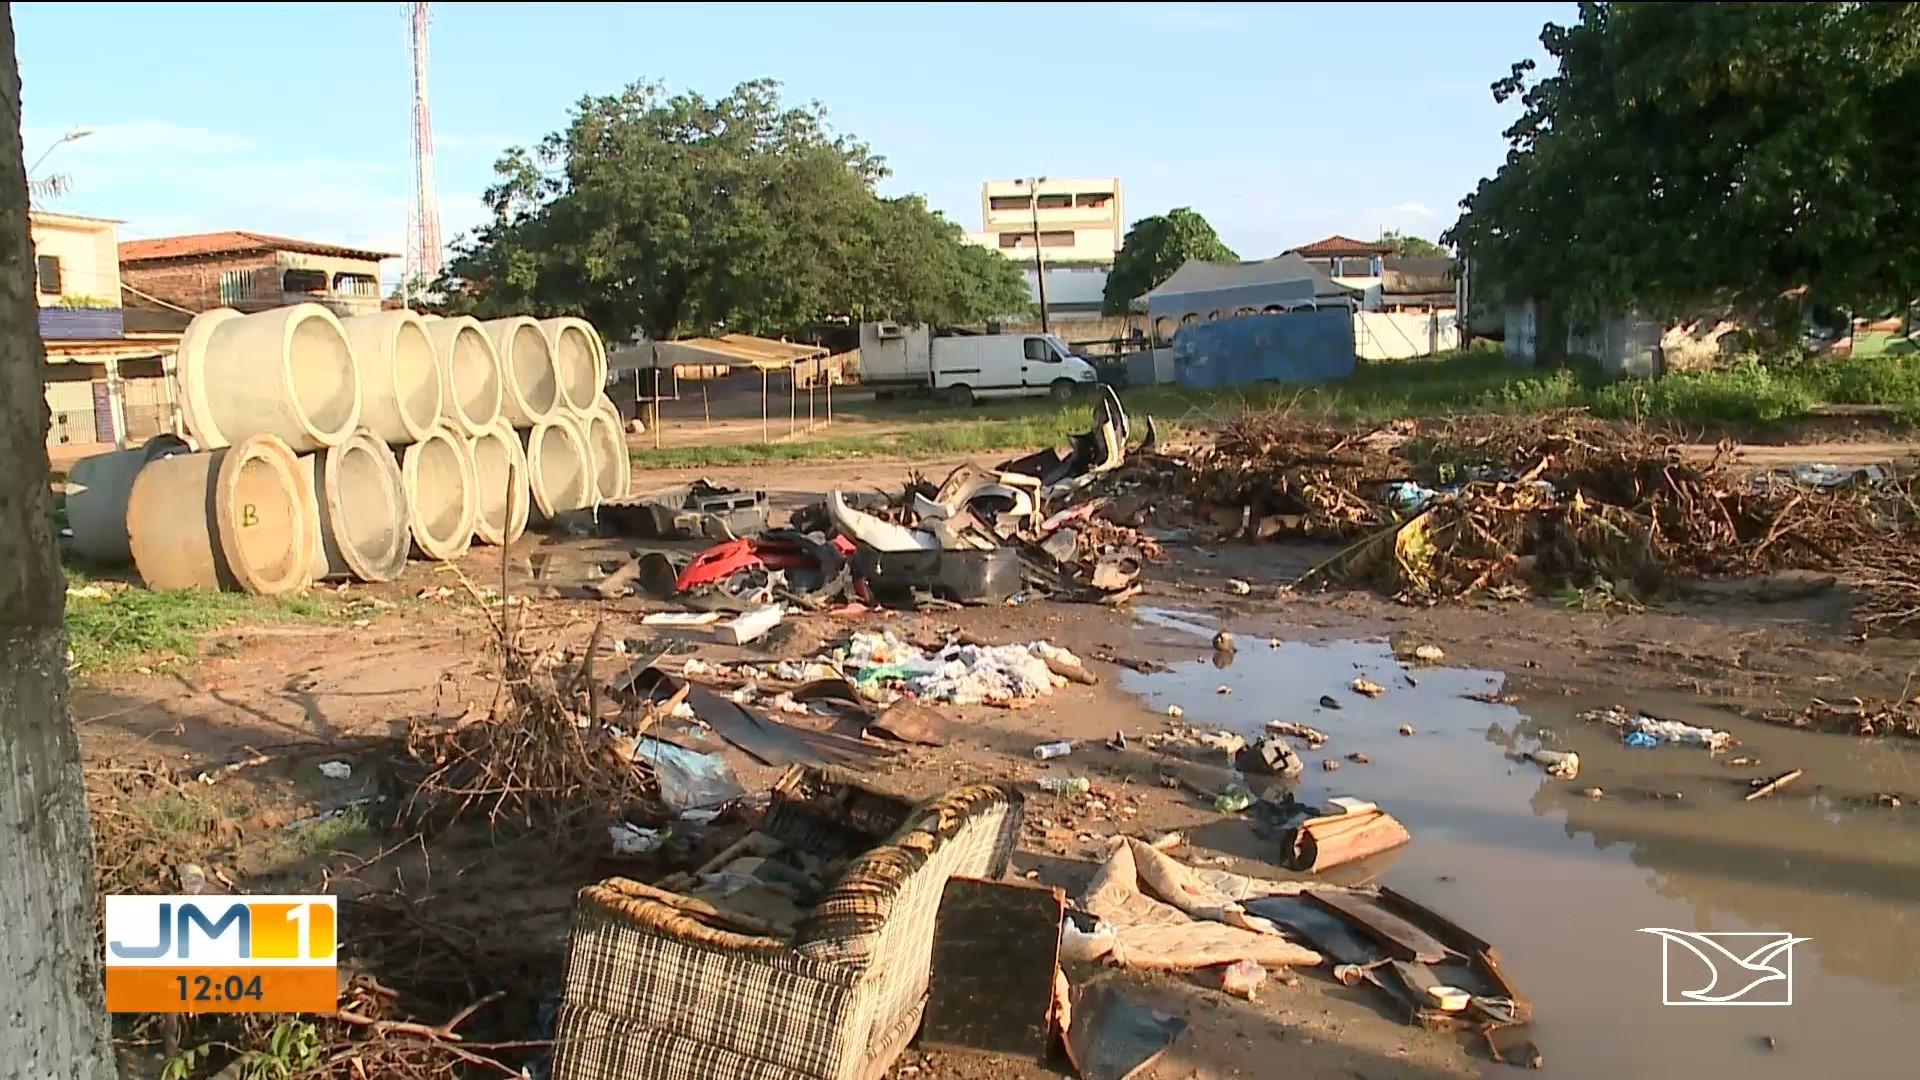 Maranhão registra mais de 500 casos suspeitos de dengue em 45 dias